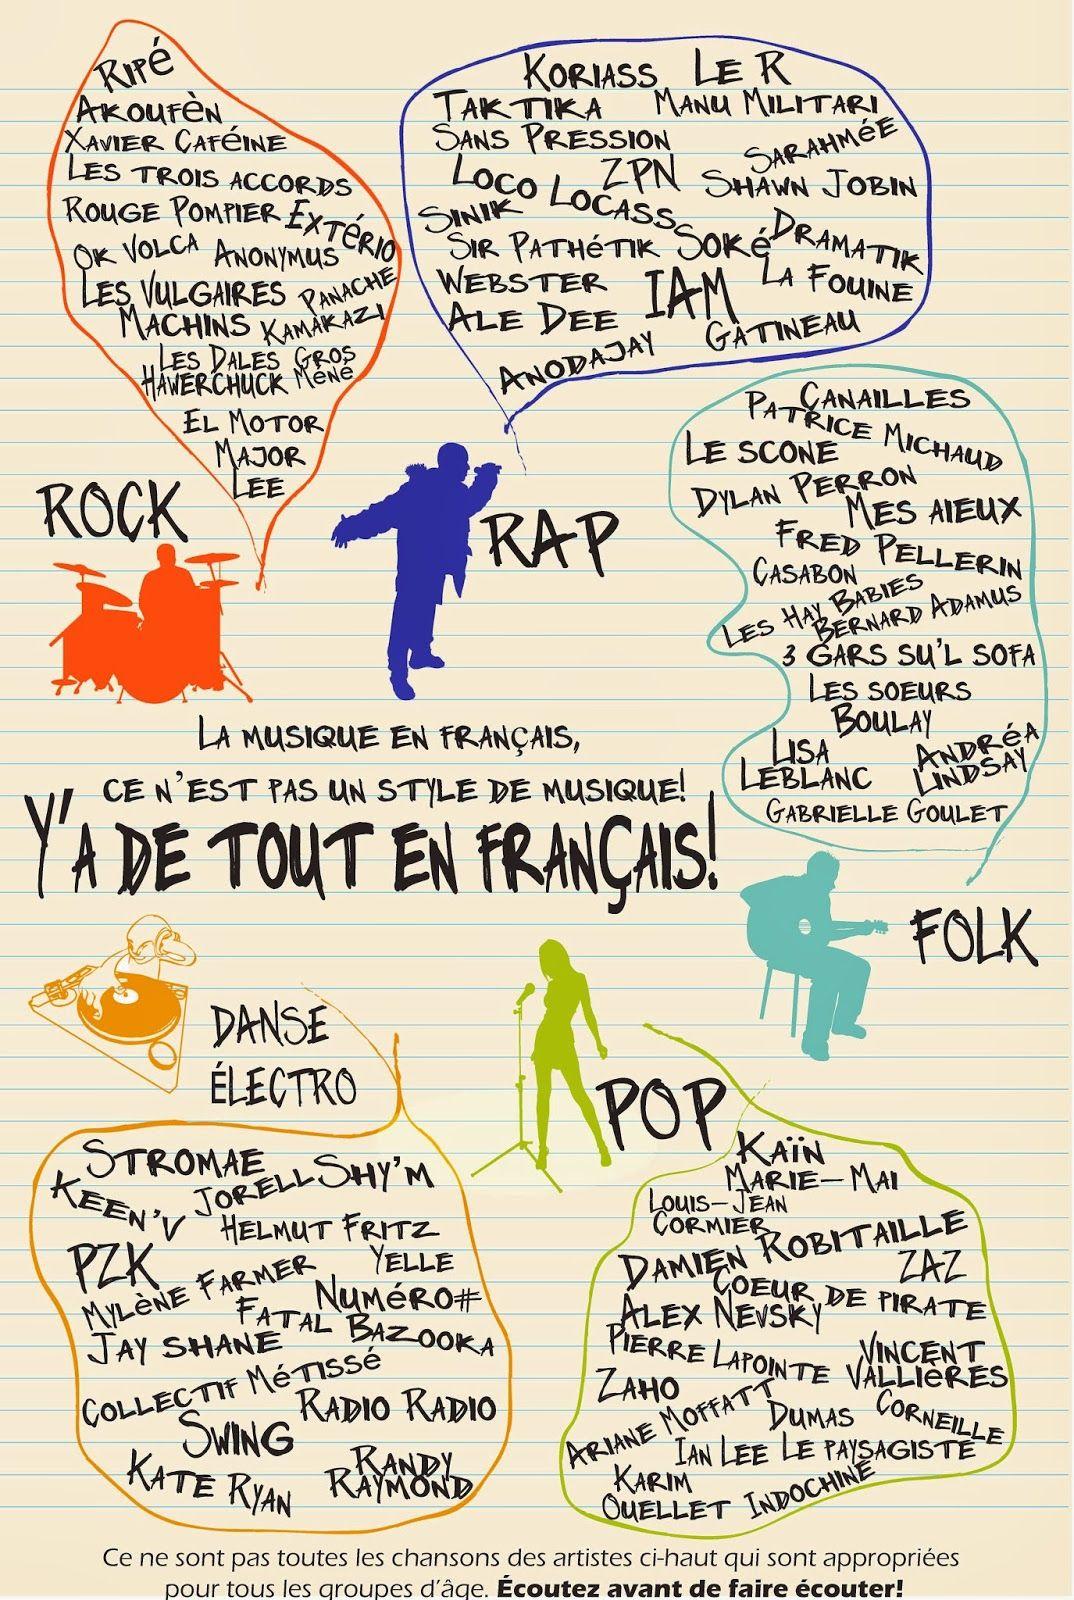 L Animateur Culturel La Musique En Francais C Est Pas